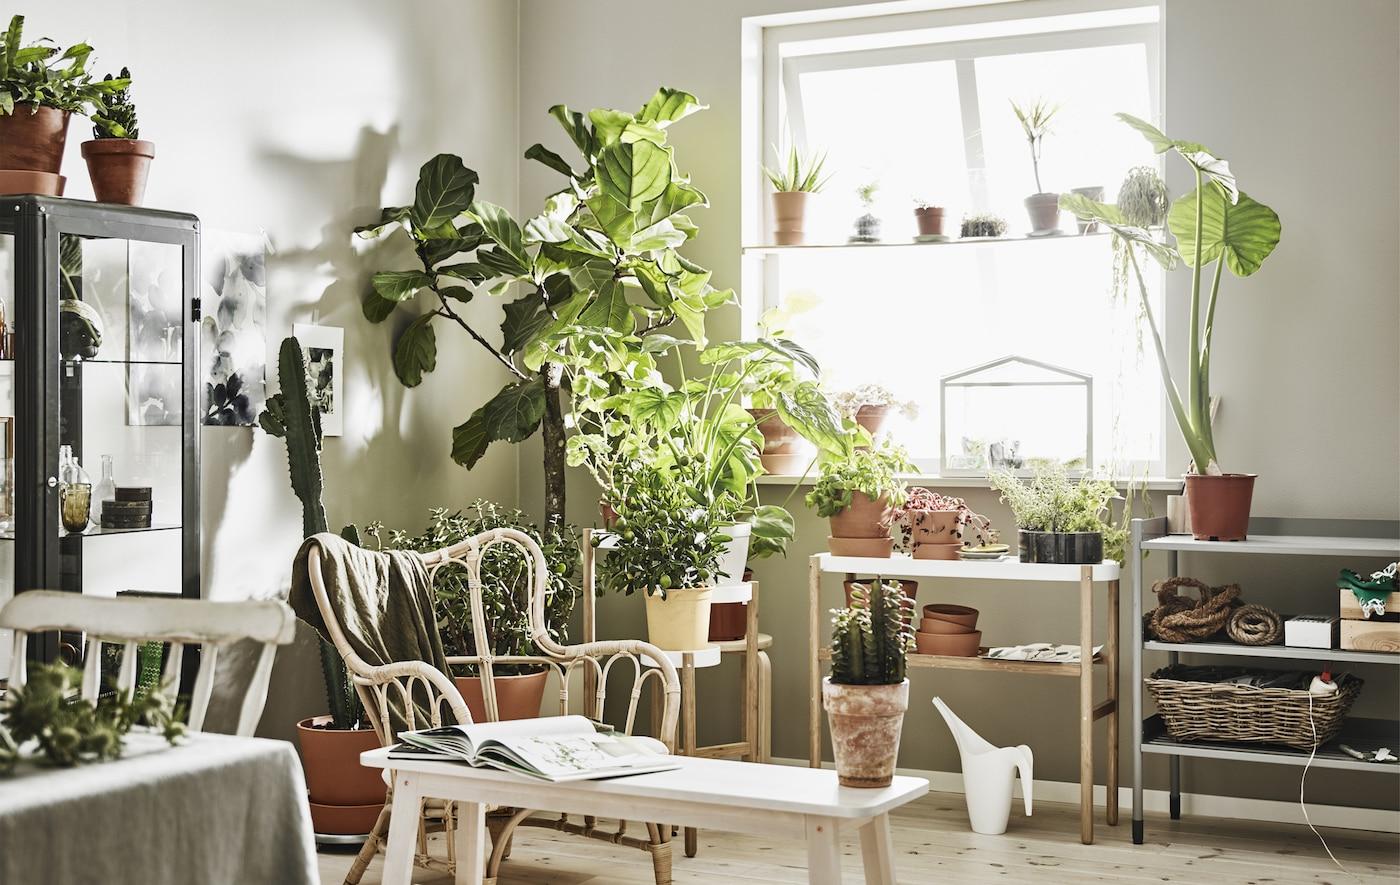 Soggiorno bianco con piante da interno su mensole e portavasi - IKEA